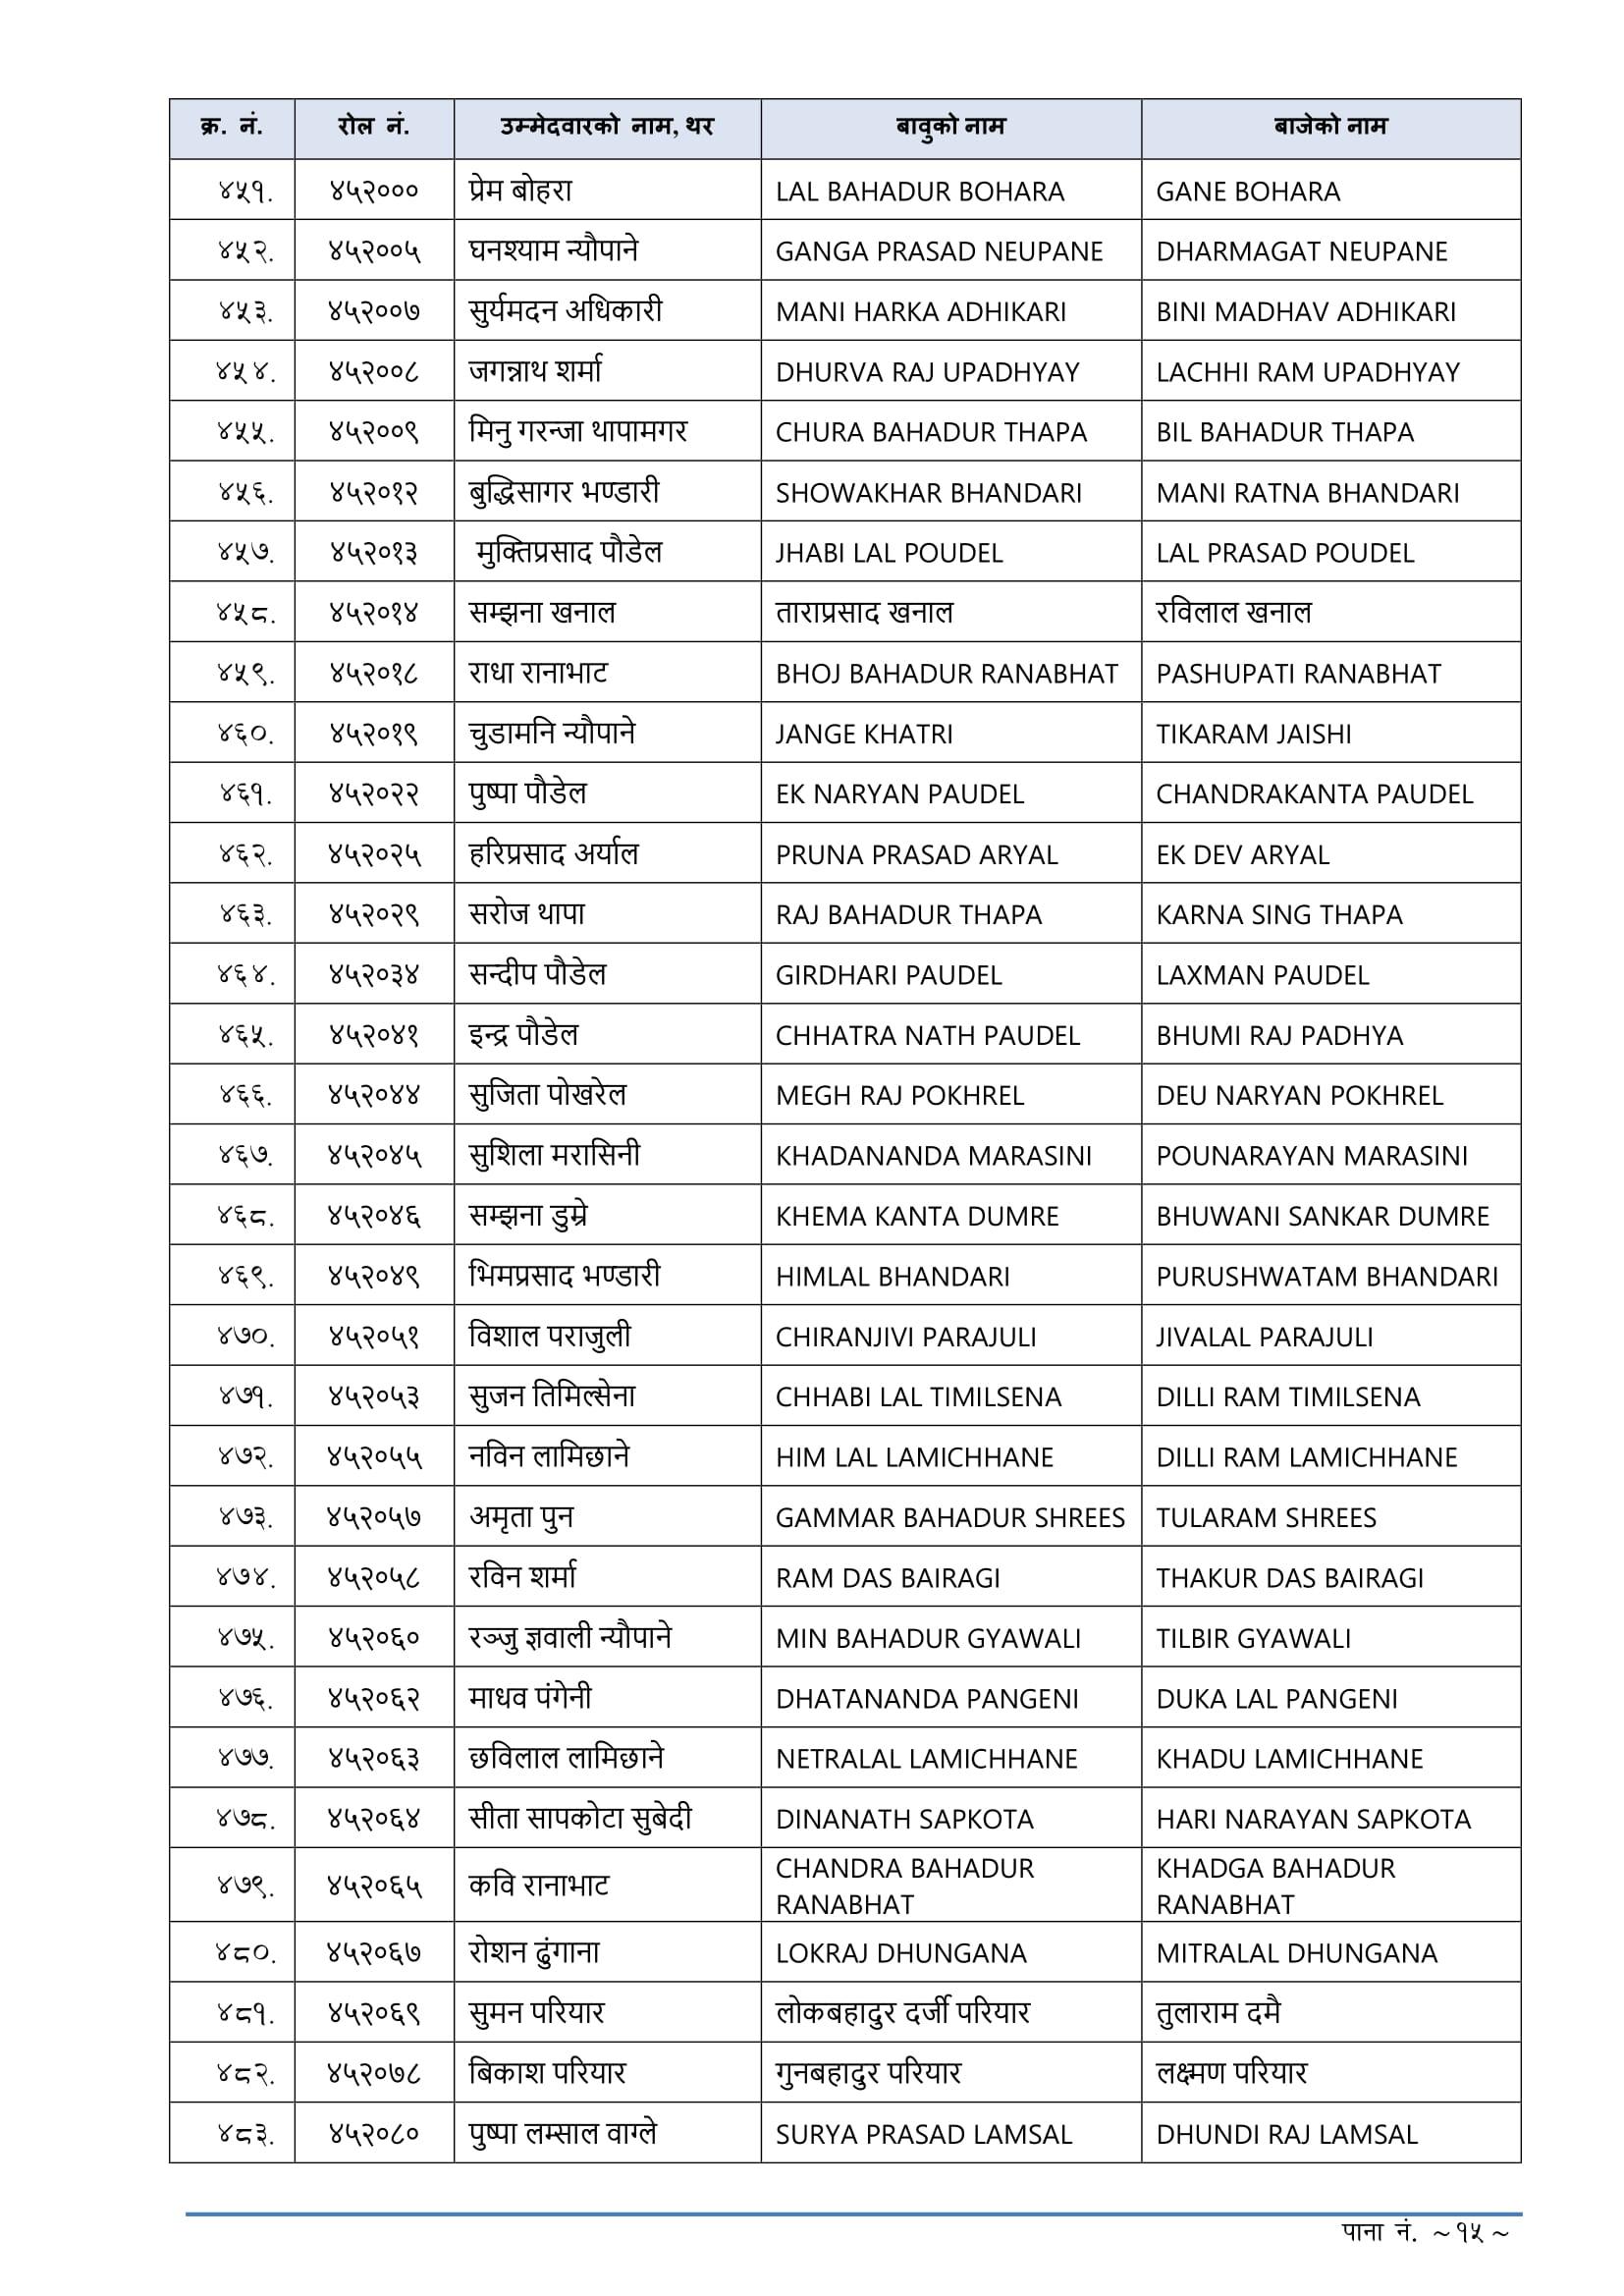 Lok Sewa Aayog Pokhara Nasu Result 2076, Lok Sewa Aayog Pokhara Nasu Result,lok sewa natija,Lok Sewa Natija 2076,Lok Sewa Result,Lok Sewa Result 2076,Lok Sewa Aayog Natija,Lok Sewa Aayog Natija 2076,lok sewa aayog result,Lok Sewa Aayog Result 2076,Lok sewa Aayog Sthaniya Taha result ,Lok sewa Sthaniya Taha result,Lok Sewa Nayab Subba Result,lok sewa Nayab Subba result,Lok Sewa Result Nayab Subba,Lok Sewa Result Nayab Subba 2076 ,psc Nayab Subba result ,PSC Nayab Subba Result 2076,Sthaniya Taha Nayab Subba natija ,Sthaniya Taha Nayab Subba result,Lok sewa aayog Nayab Subba Result,lok sewa aayog Nayab Subba result 2076,Lok Sewa Nasu Result,lok sewa Nasu result,Lok Sewa Result Nasu,Lok Sewa Result Nasu 2076 ,psc Nasu result ,PSC Nasu Result 2076,Sthaniya Taha Nasu natija ,Sthaniya Taha Nasu result,Lok sewa aayog Nasu Result,lok sewa aayog Nasu result 2076,,,नायब शुब्बा पाँचौं तह लिखित नतिजा,नायब शुब्बा नतिजा,पाँचौं तह नायब शुब्बा नतिजा,पाँचौं तह नतिजा,स्थानीय तह नायब शुब्बा नतिजा,स्थानीय तह नतिजा,,स्थानीय तहको अधिकृत छैठौ तह,